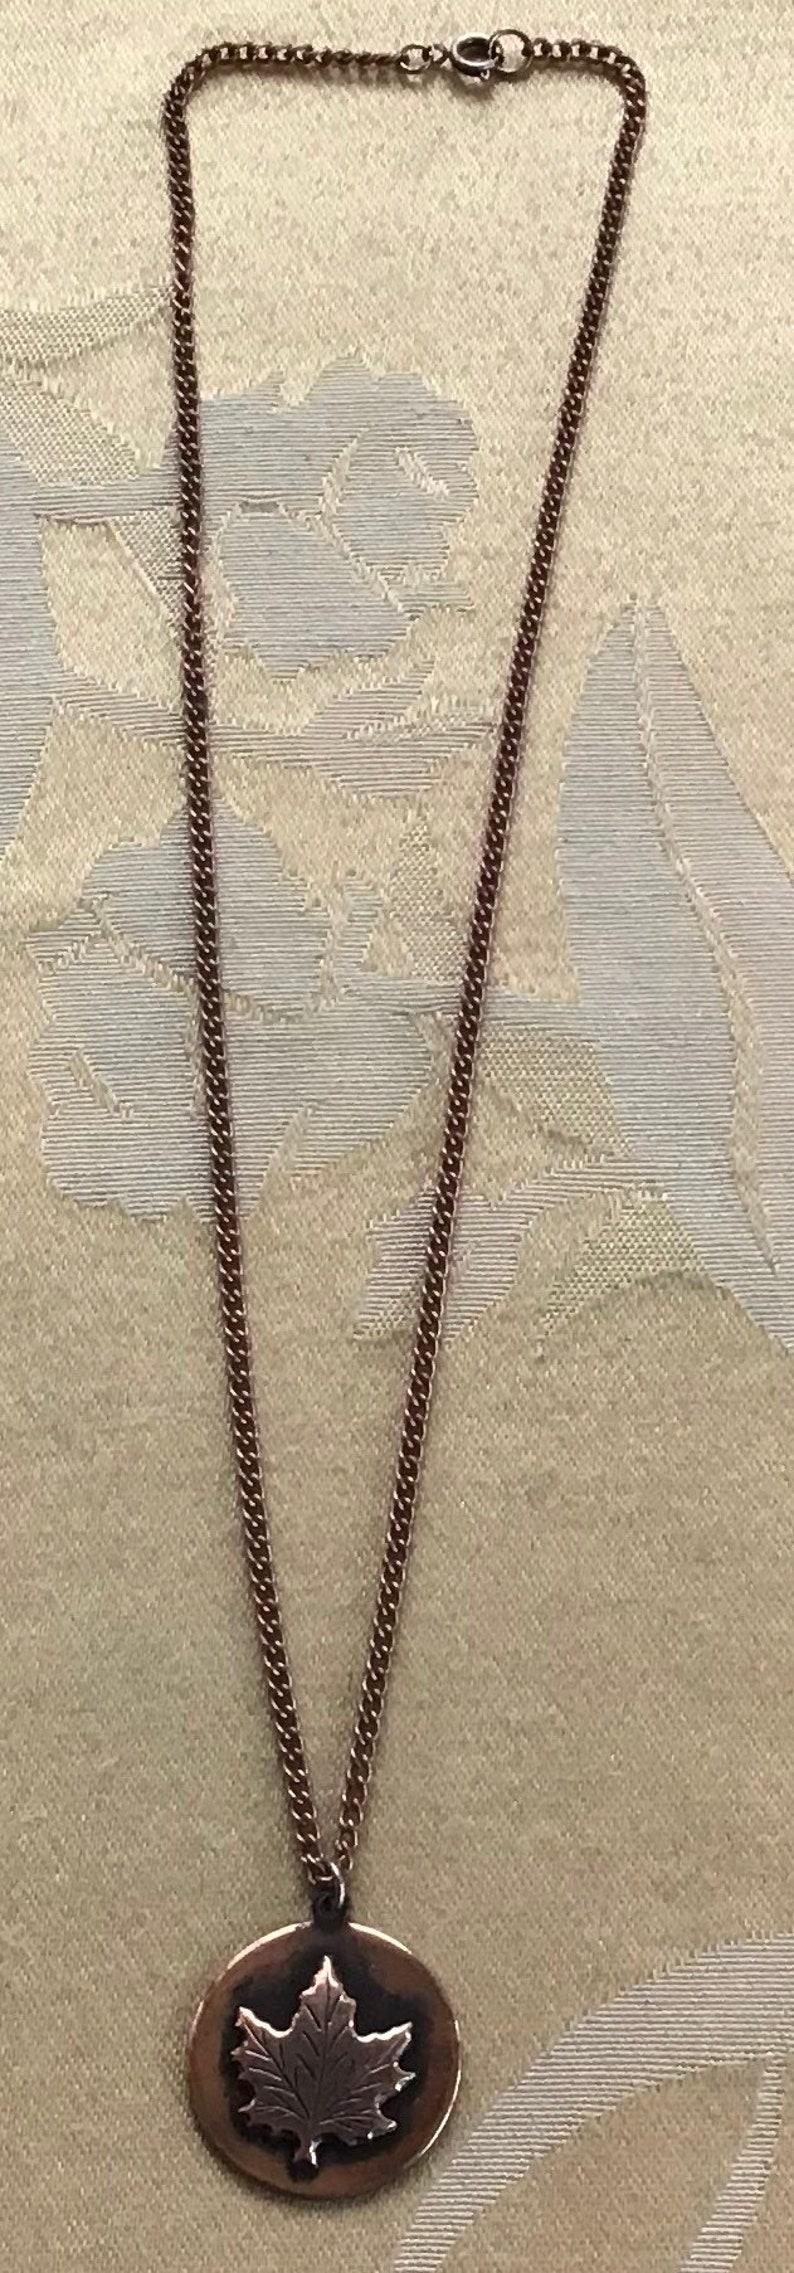 Vintage 18\u201d T7 Copper Maple Leaf Pendant Necklace Nature Autumn